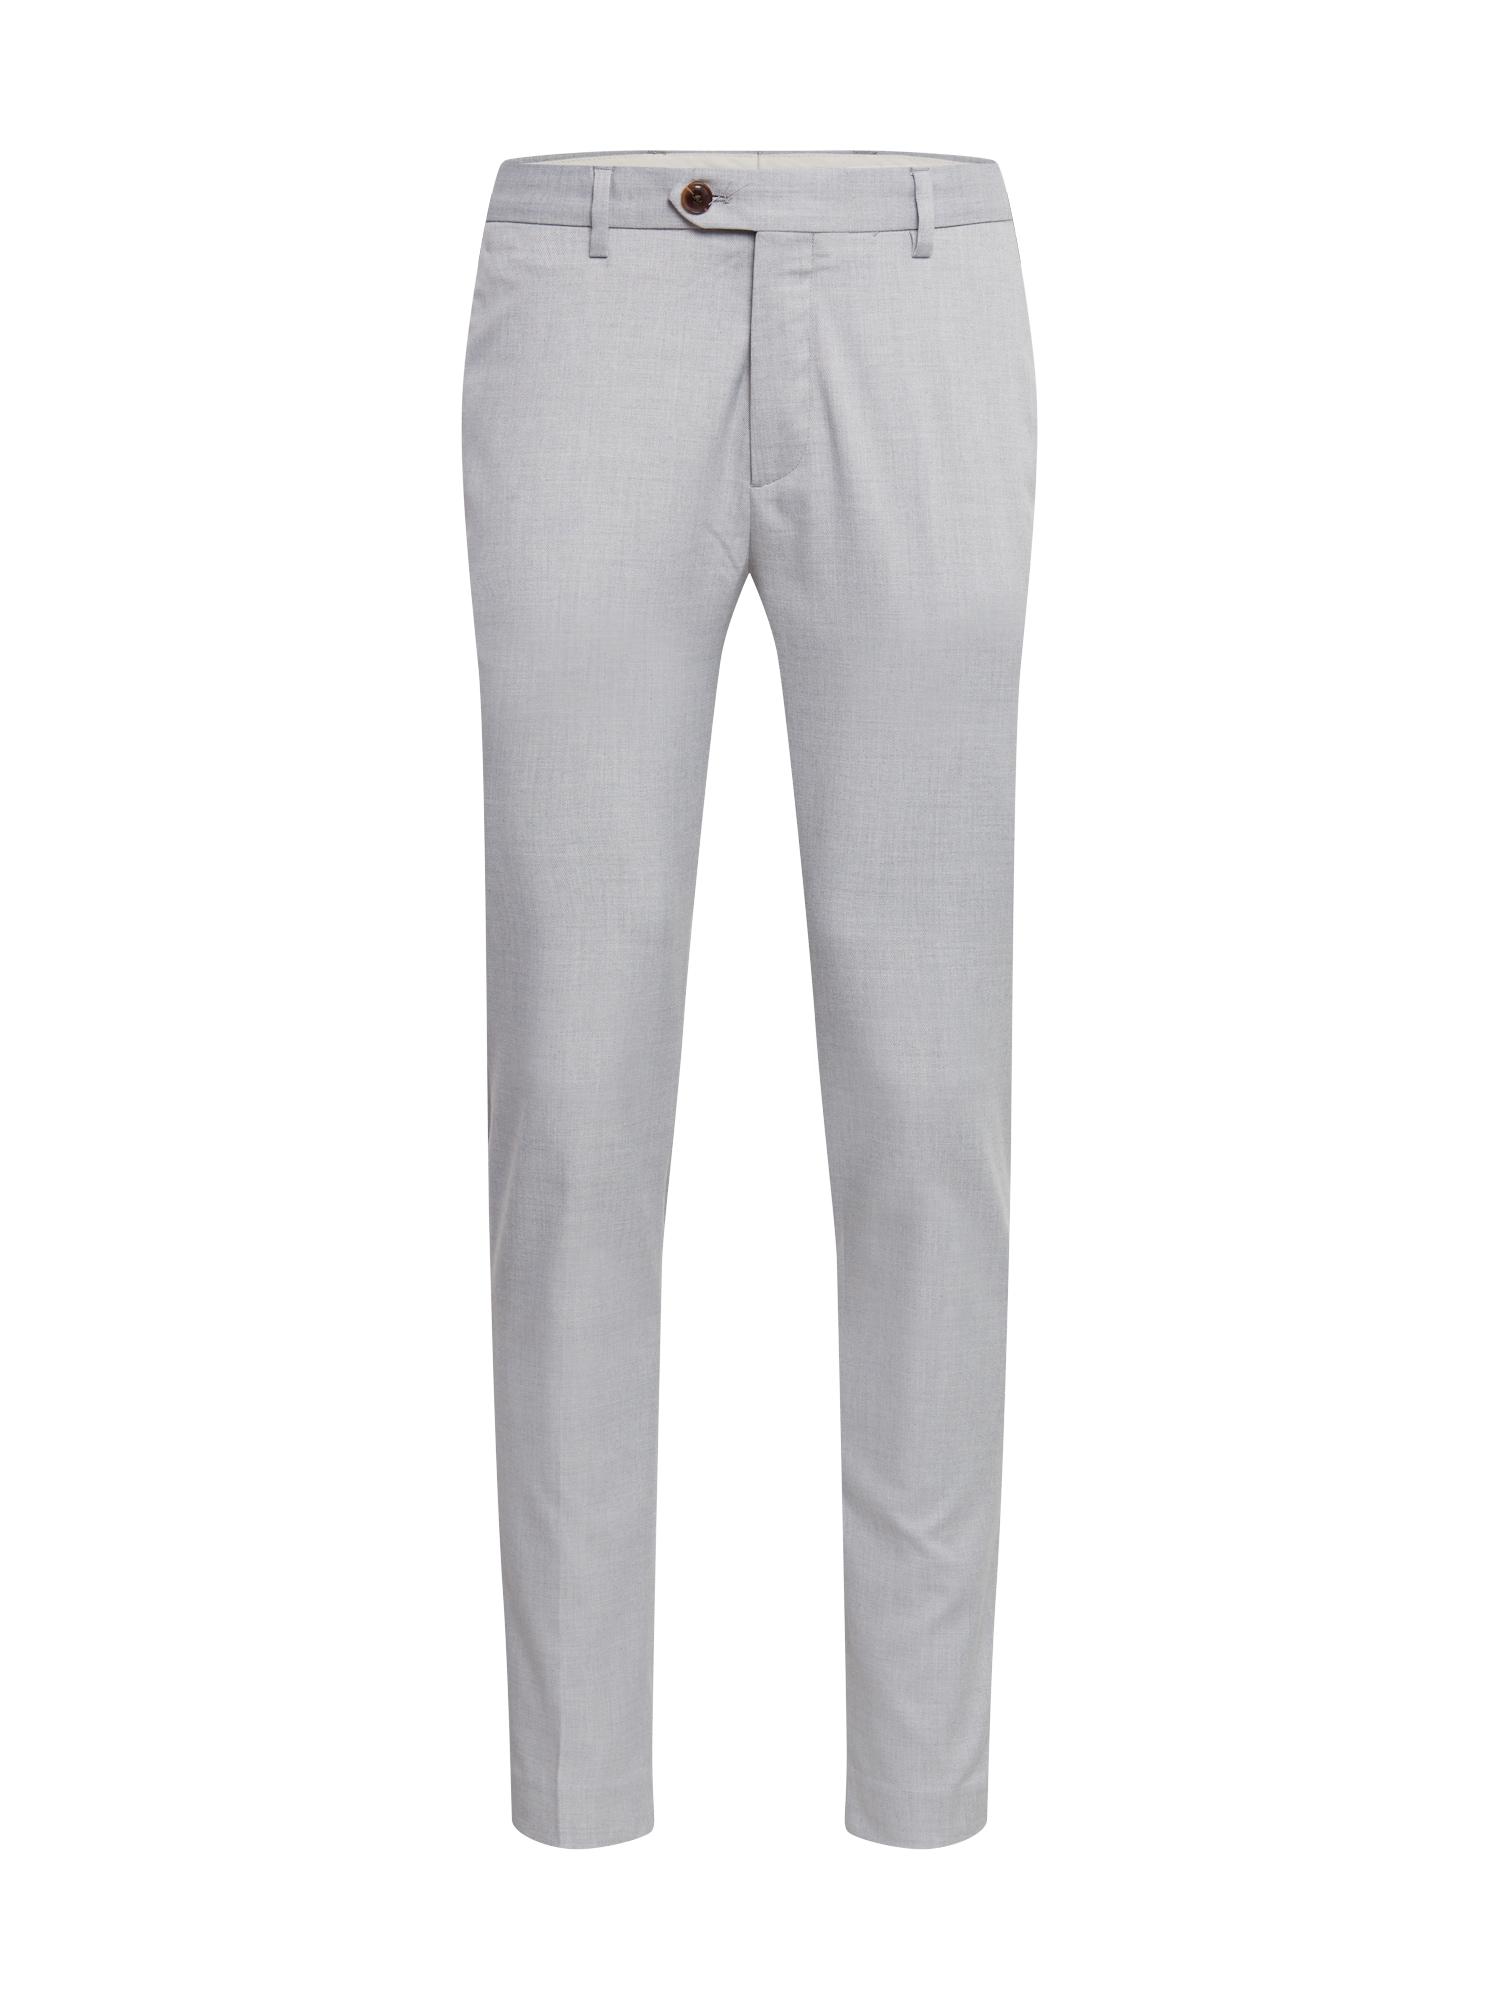 SCOTCH & SODA Chino kalhoty 'MOTT'  světle šedá